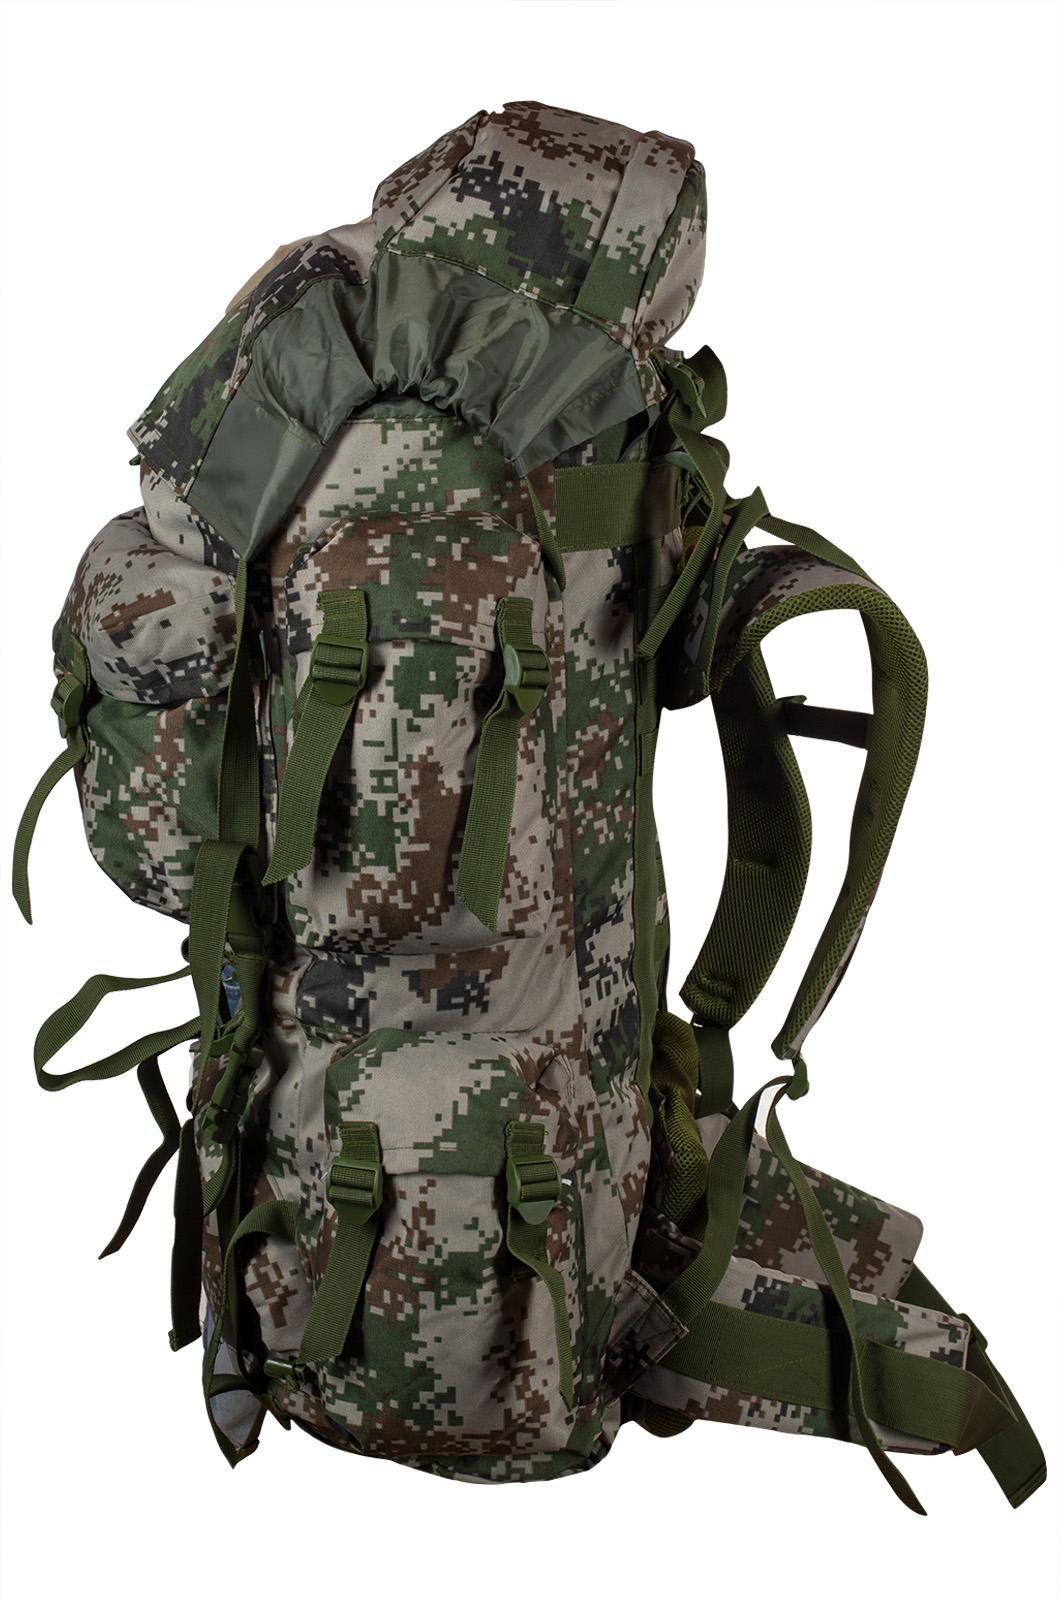 Эргономичный вместительный рюкзак с нашивкой Охотничий Спецназ - заказать оптом